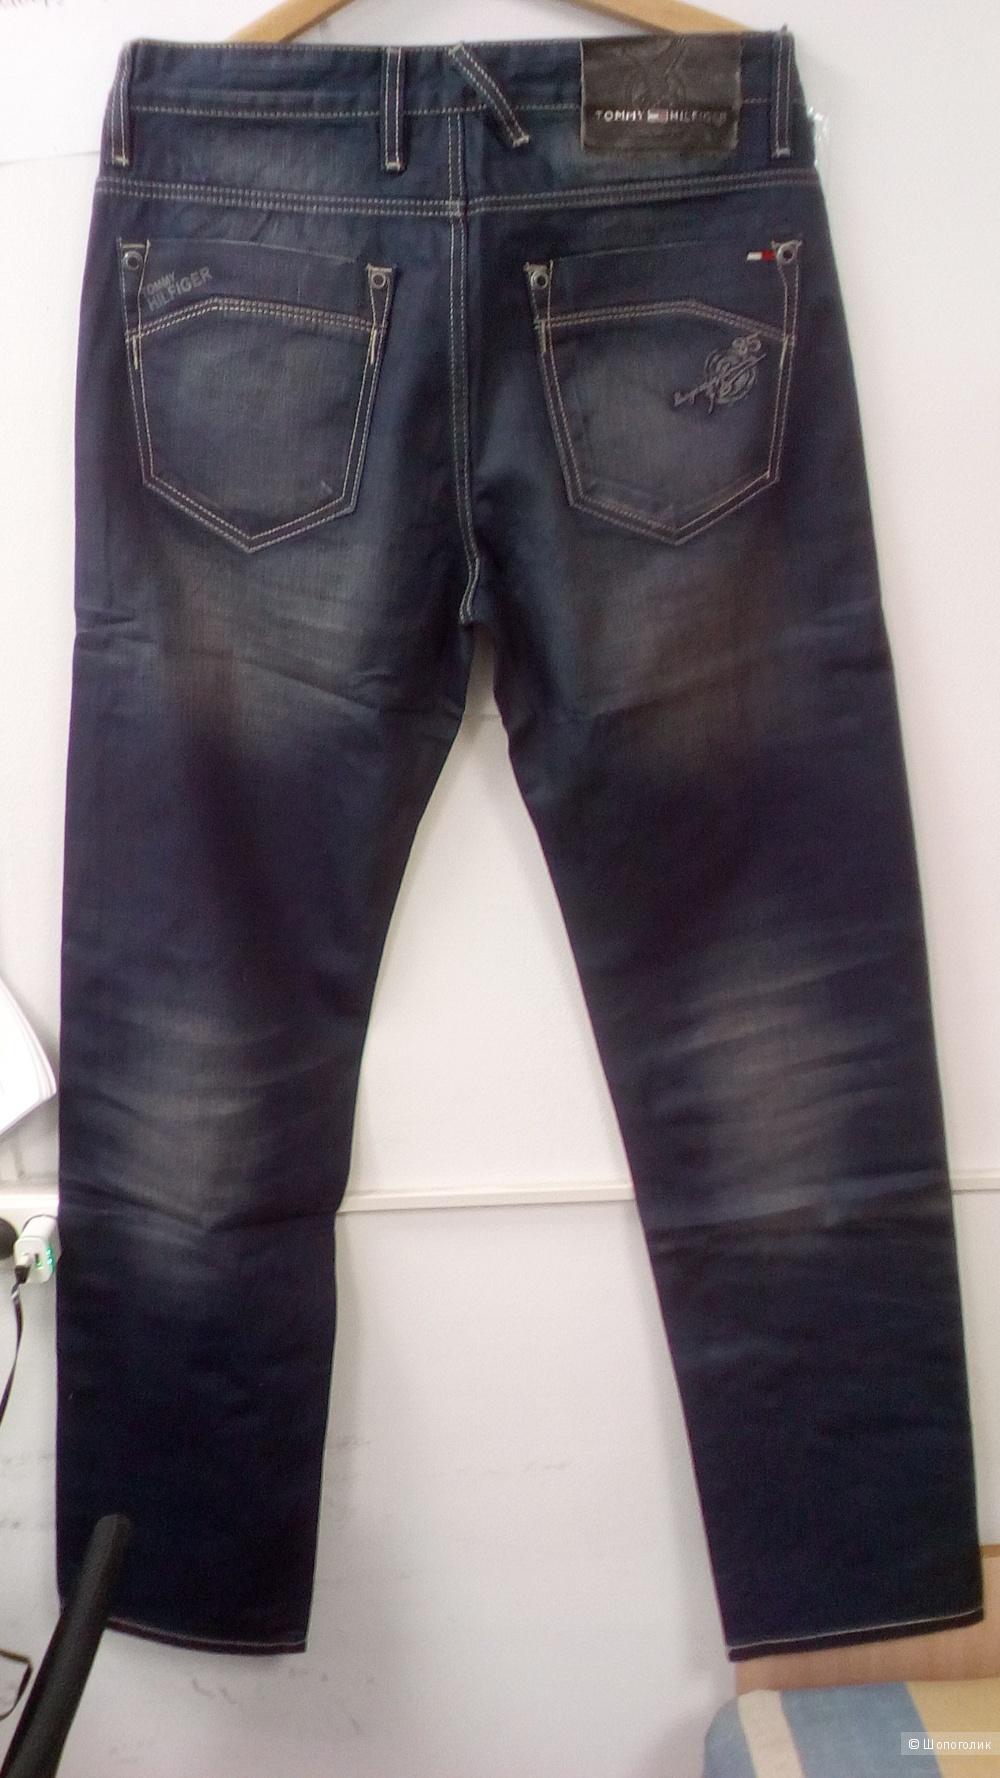 Новые оригинальные джинсы Tommy Hilfiger W34 L34